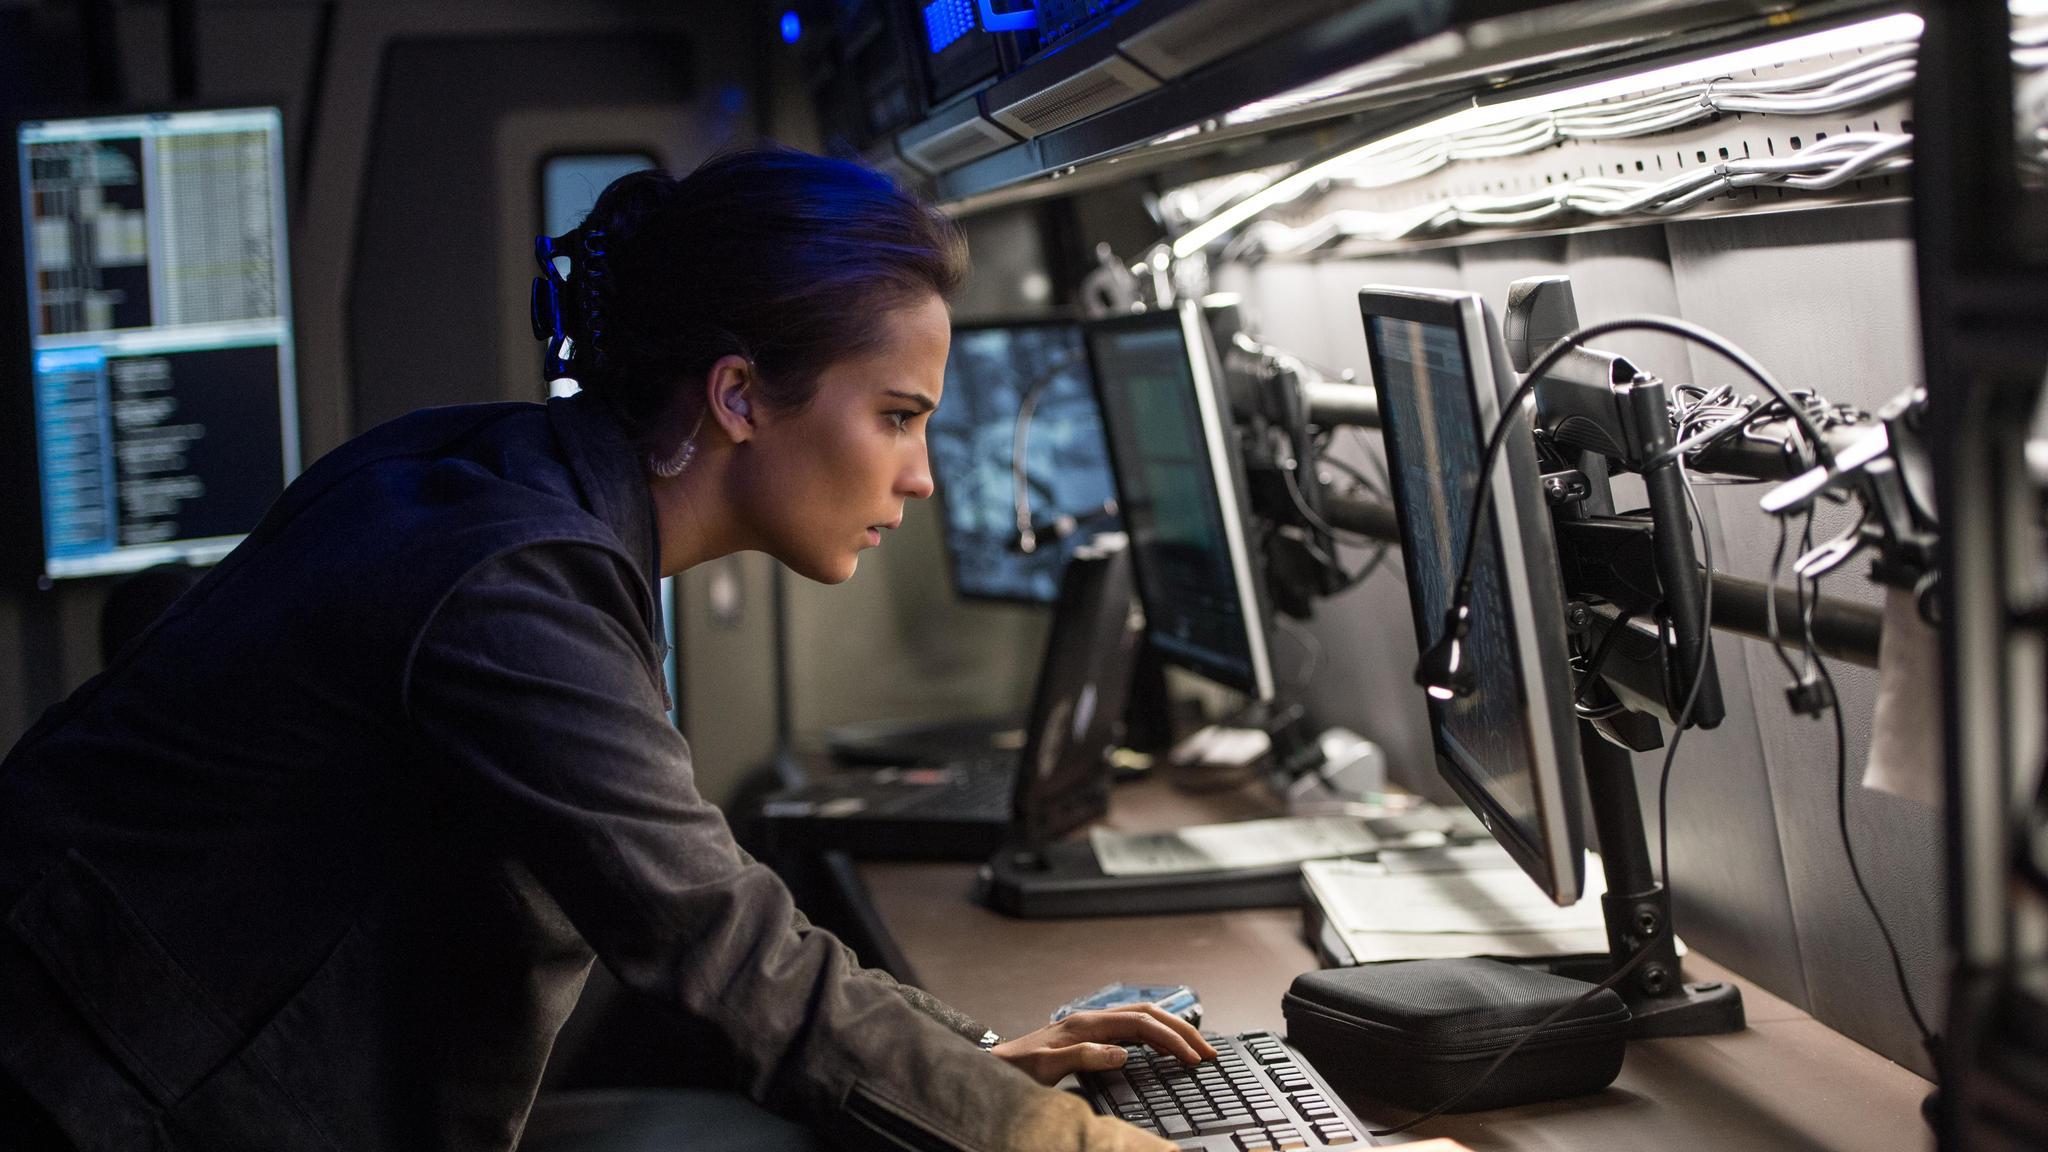 Jason Bourne - Huyền thoại điệp viên được tiếp nối - Ảnh 4.